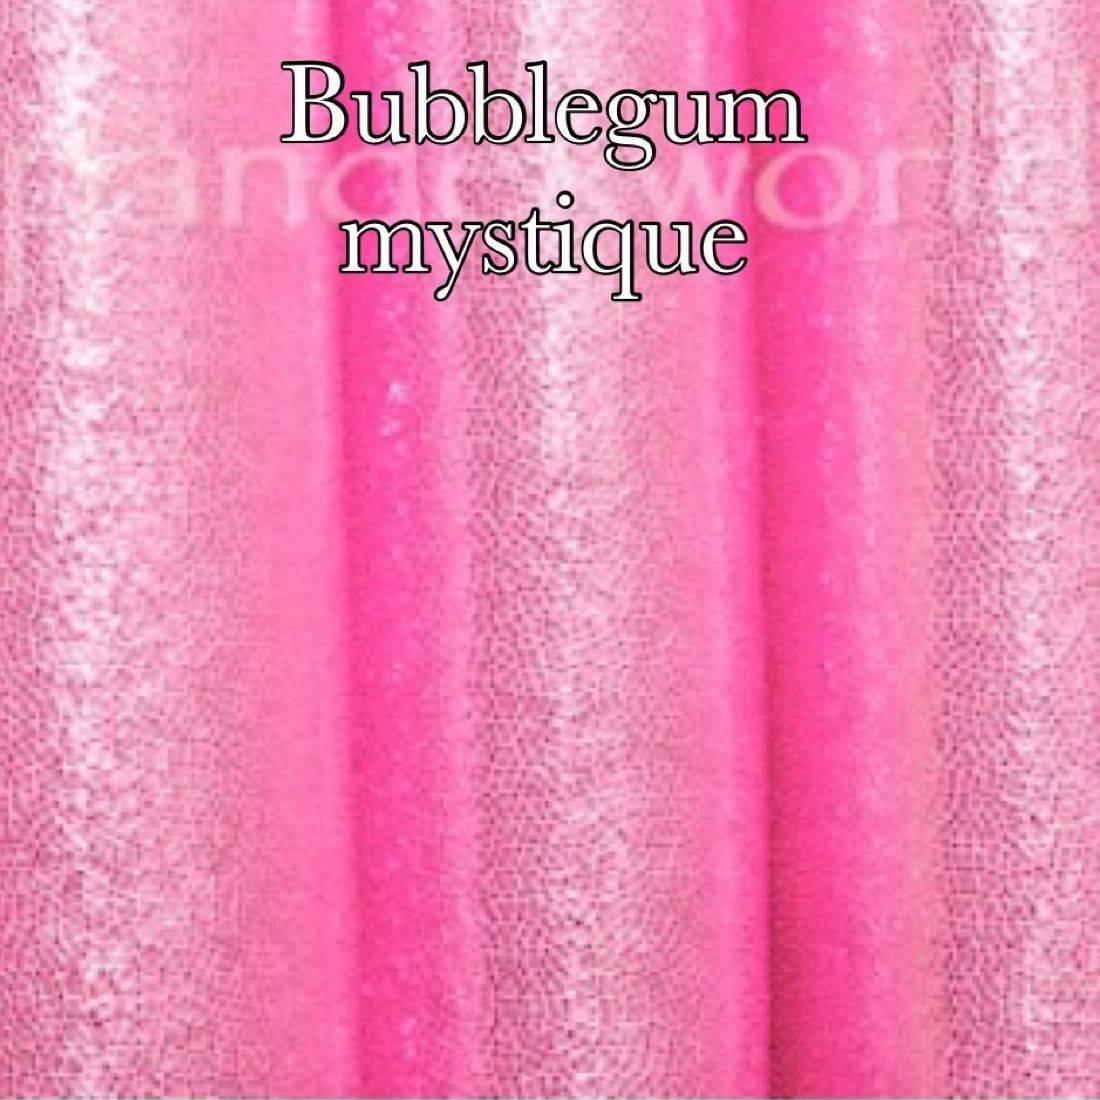 hot pink mystique